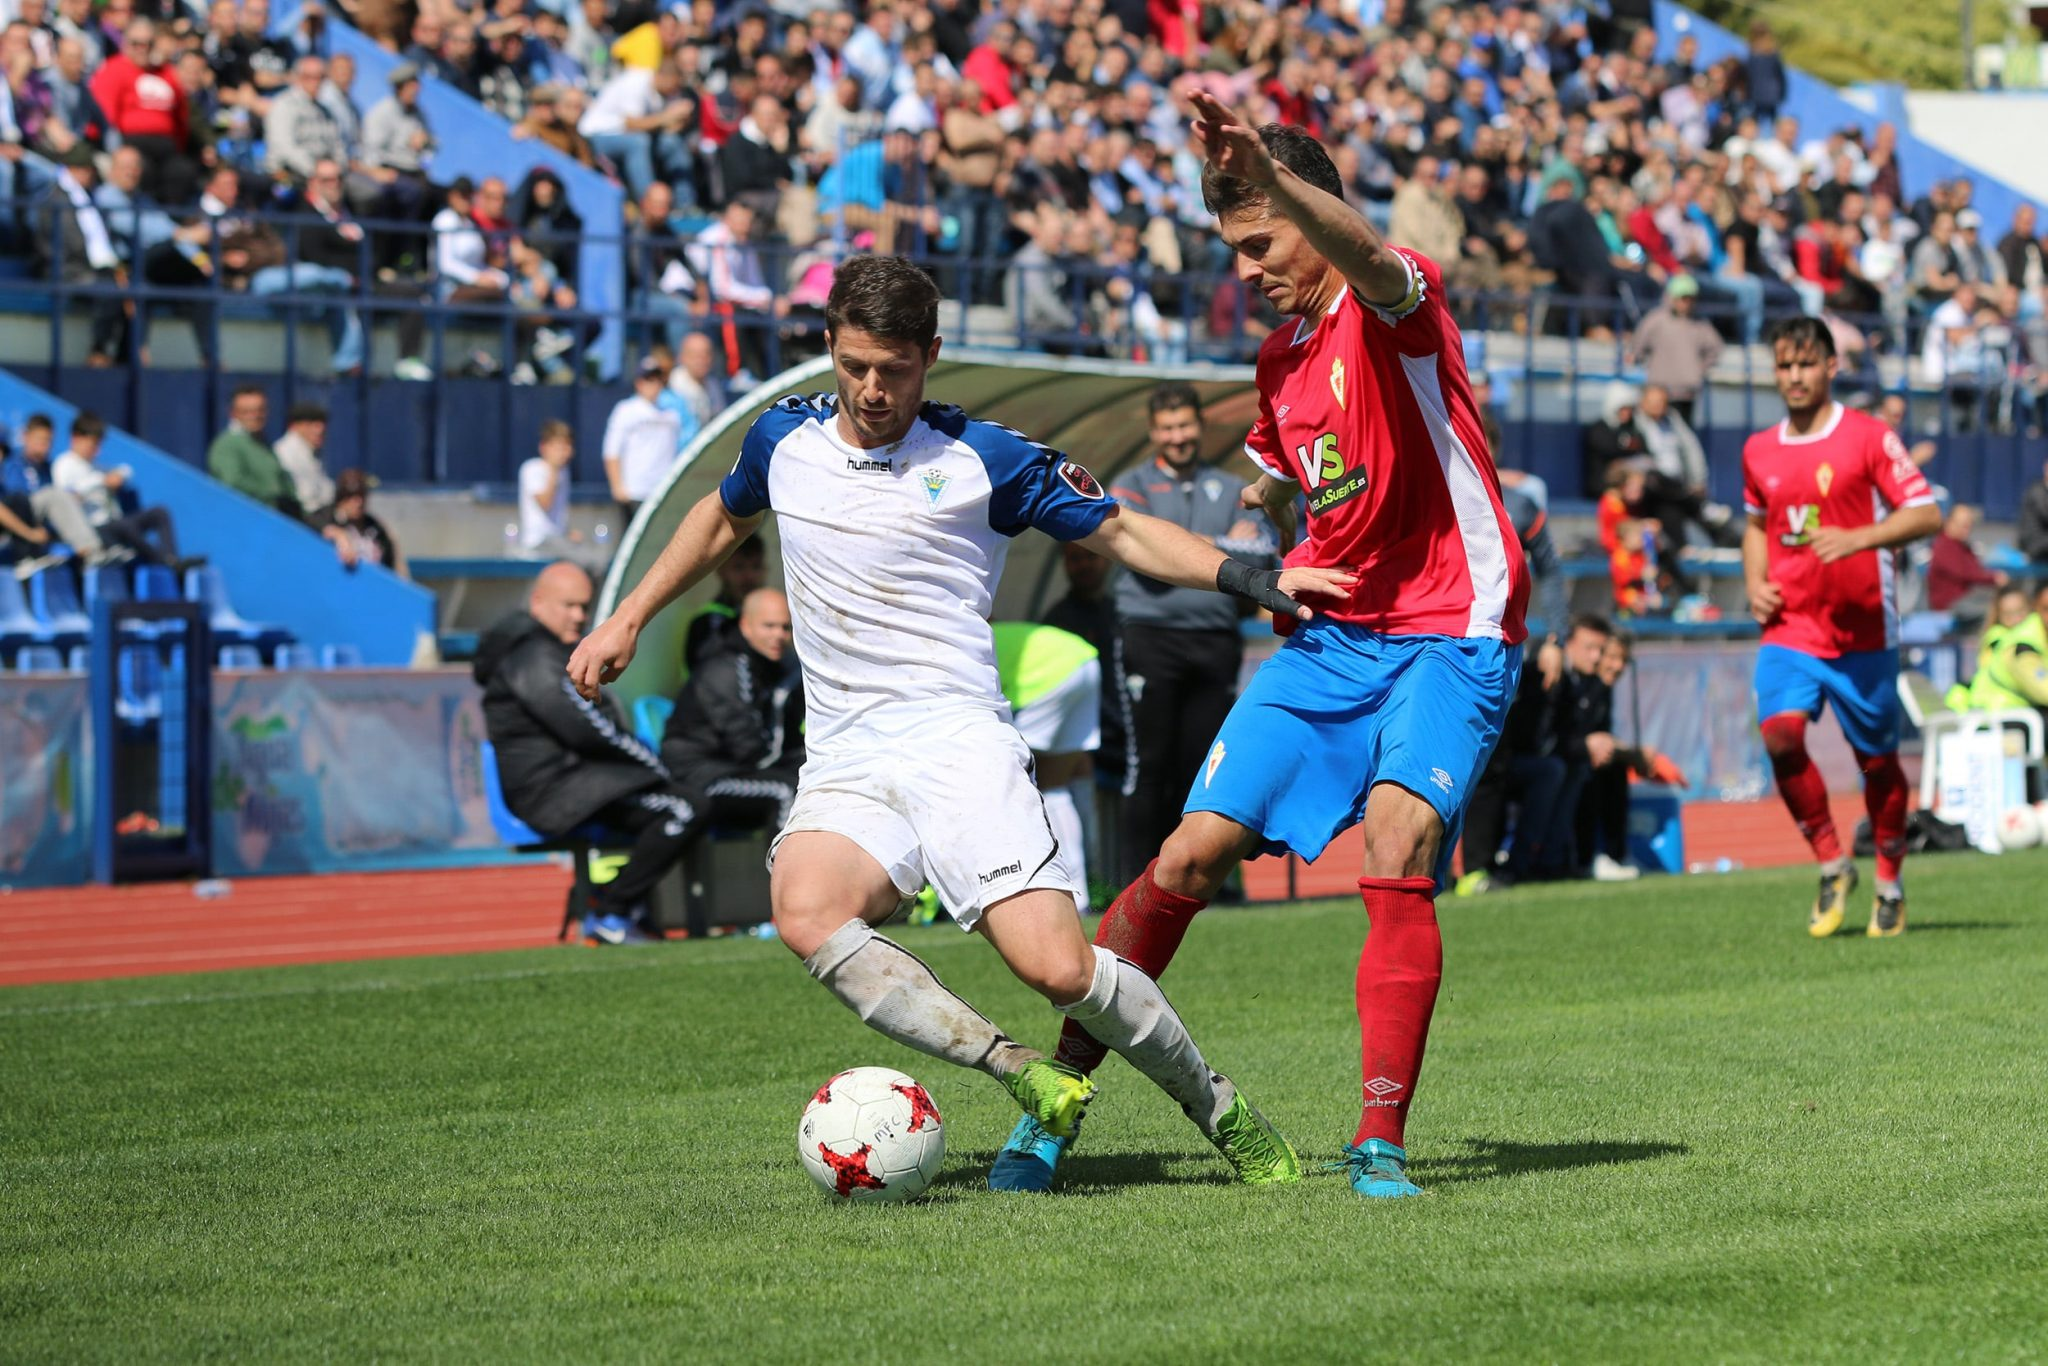 El Marbella FC suma un punto ante el Real Murcia para continuar líder del Grupo IV